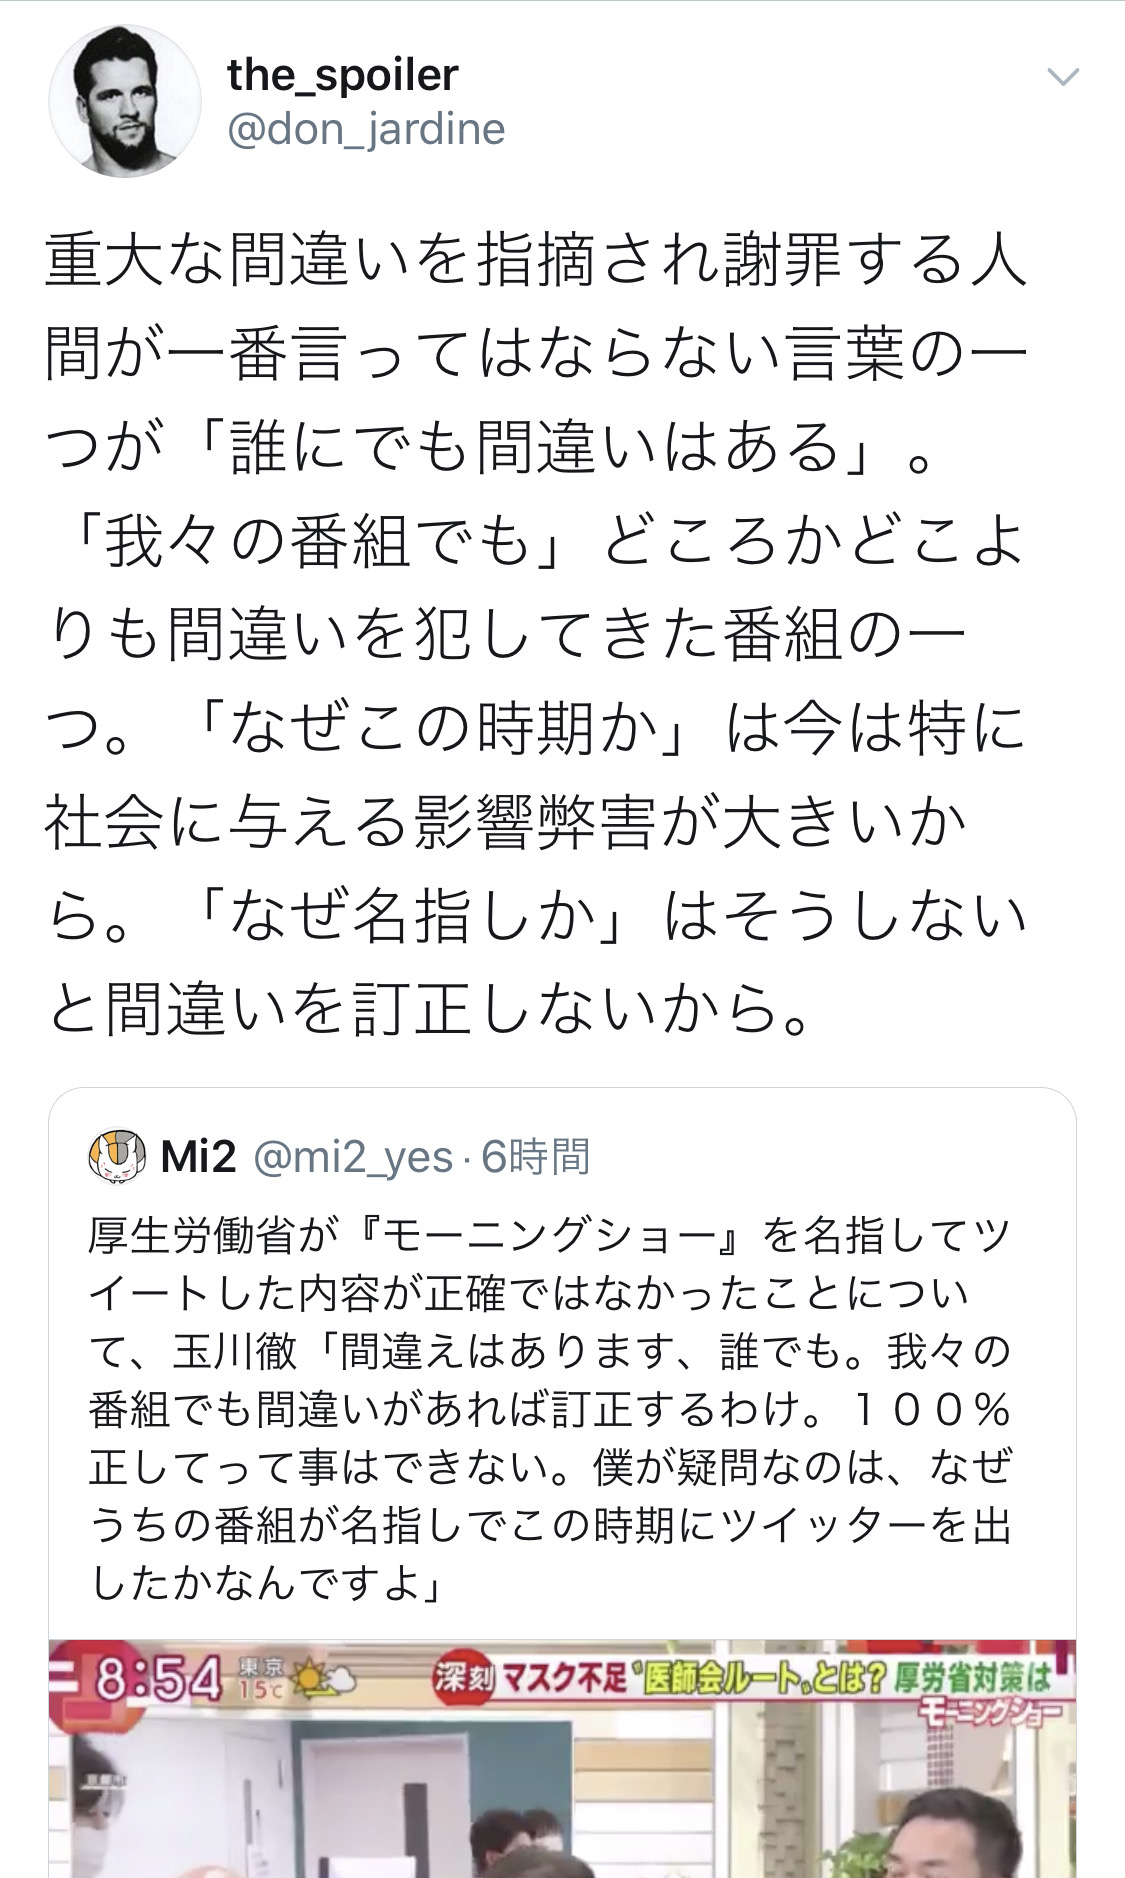 【朗報】マスク、来週以降1億枚上積みへ 菅官房長官語る